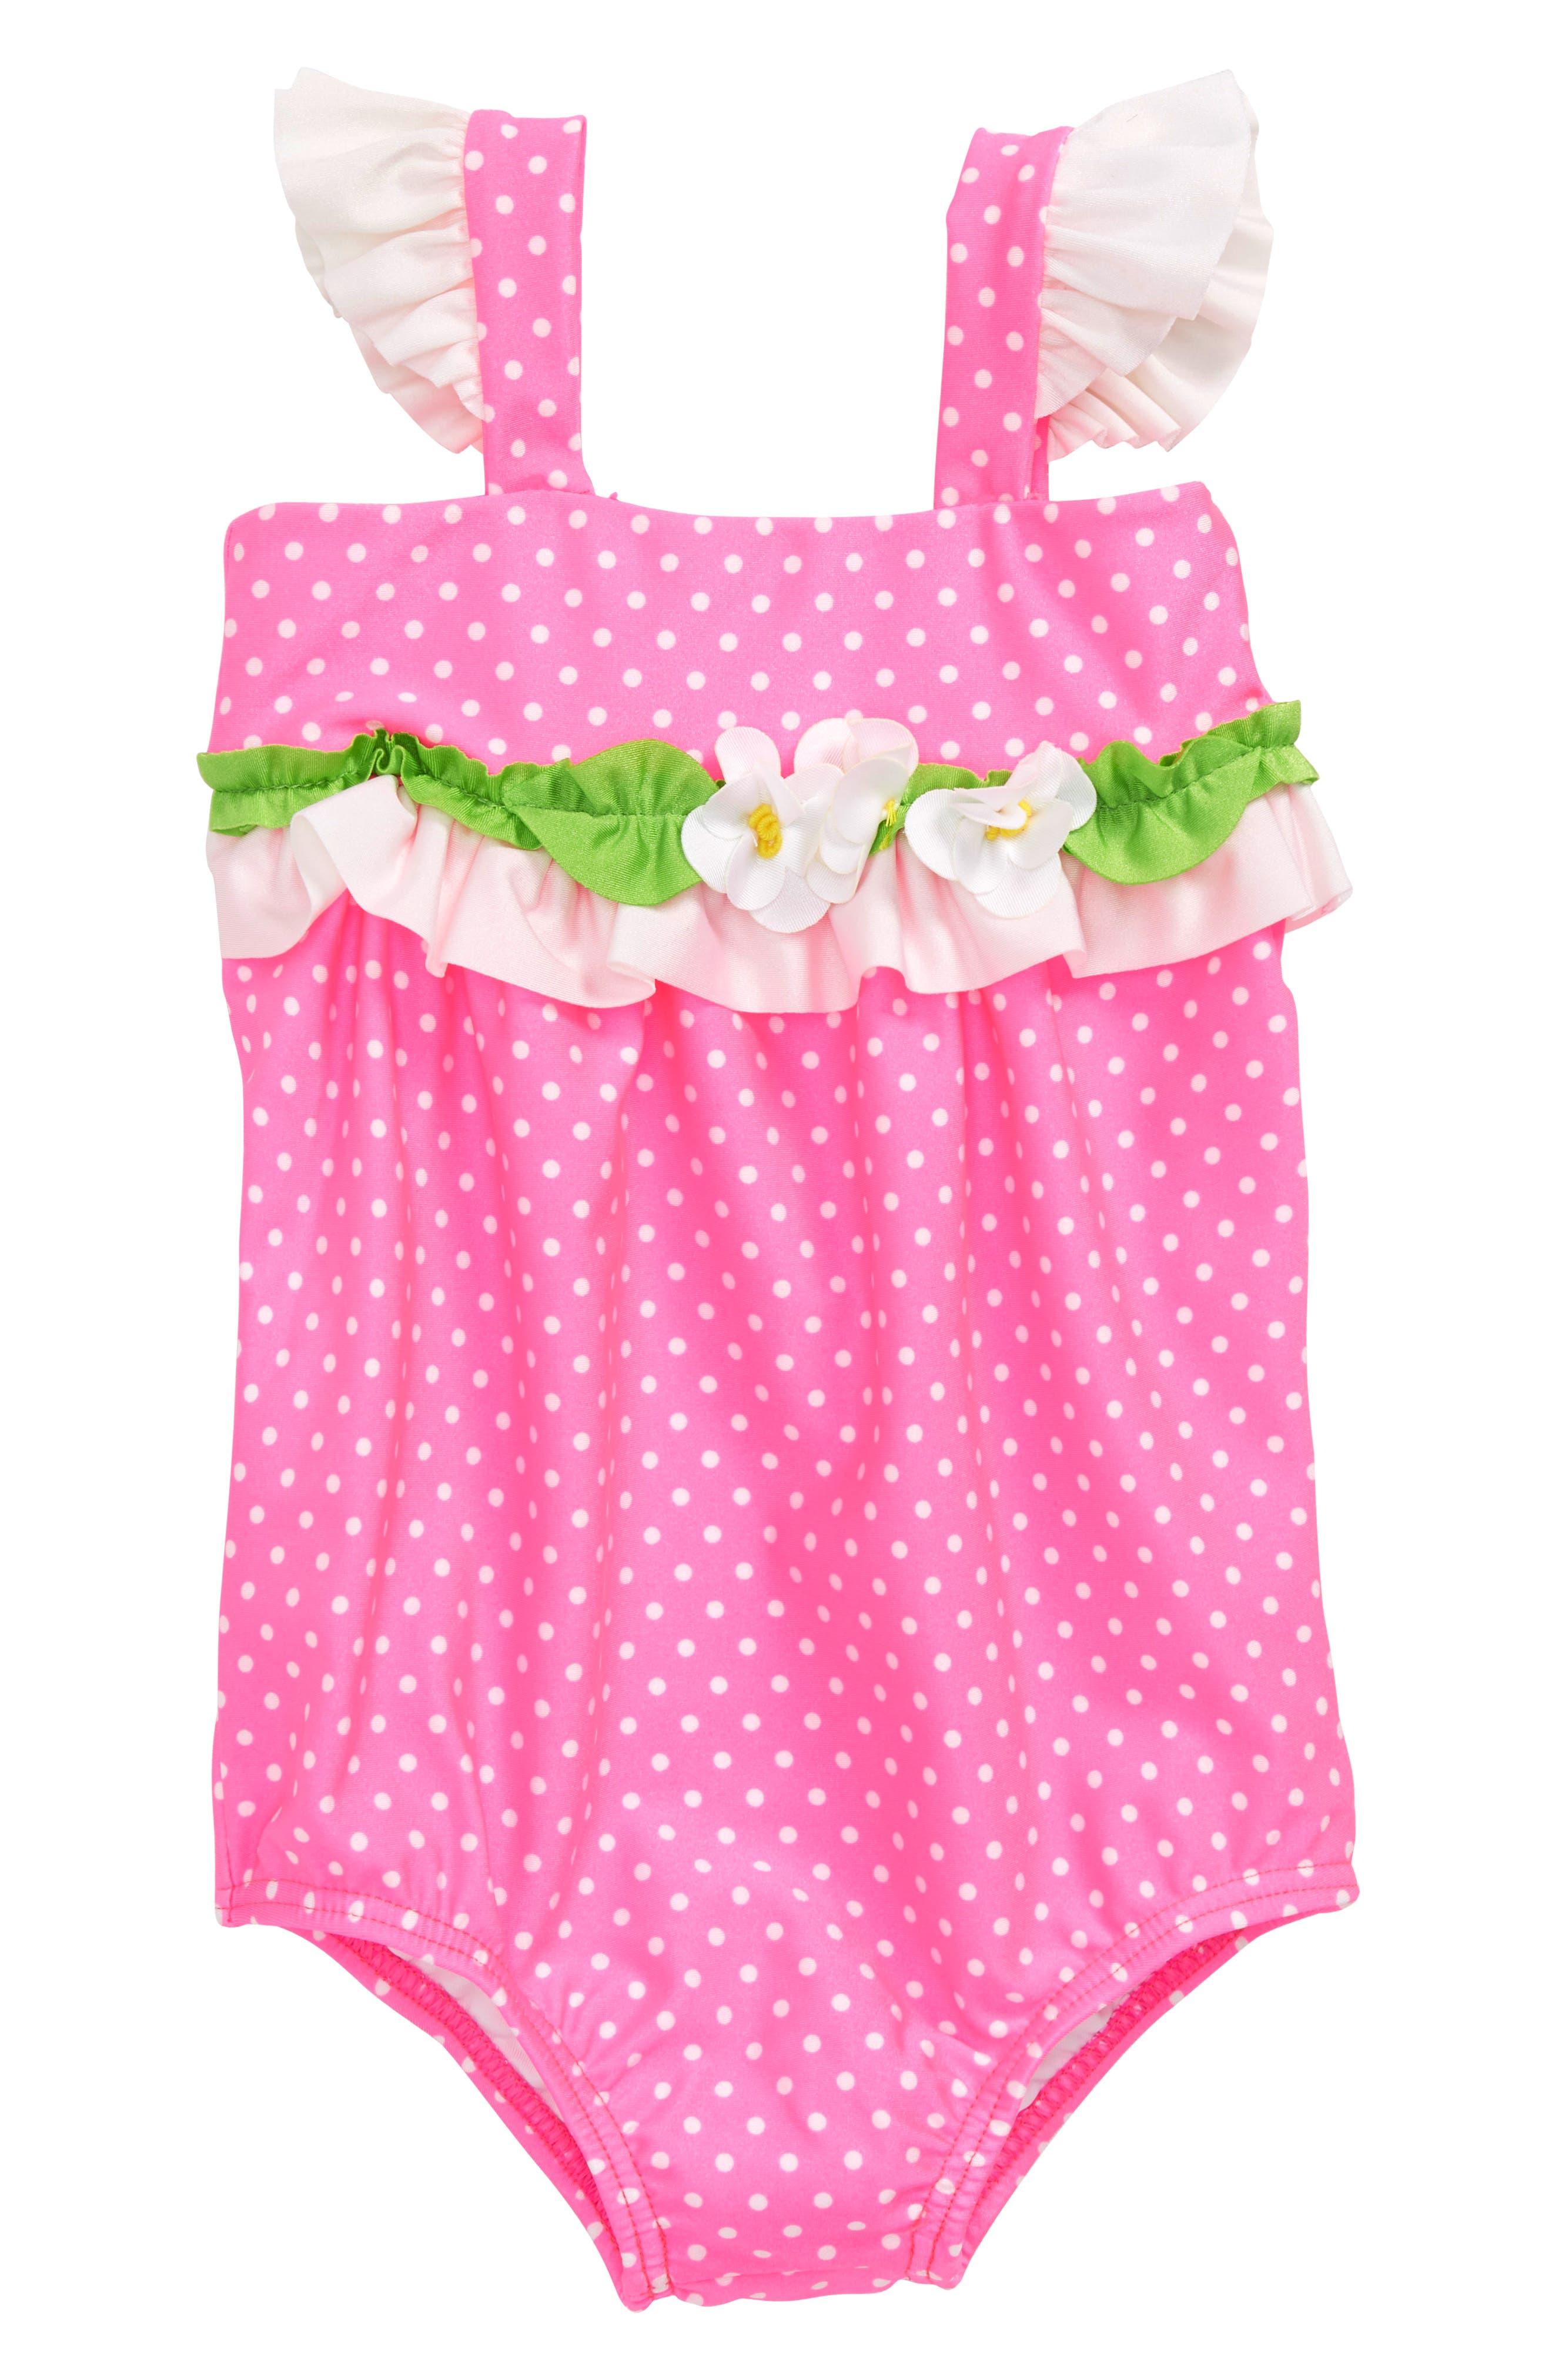 Bubble One-Piece Swimsuit,                         Main,                         color,